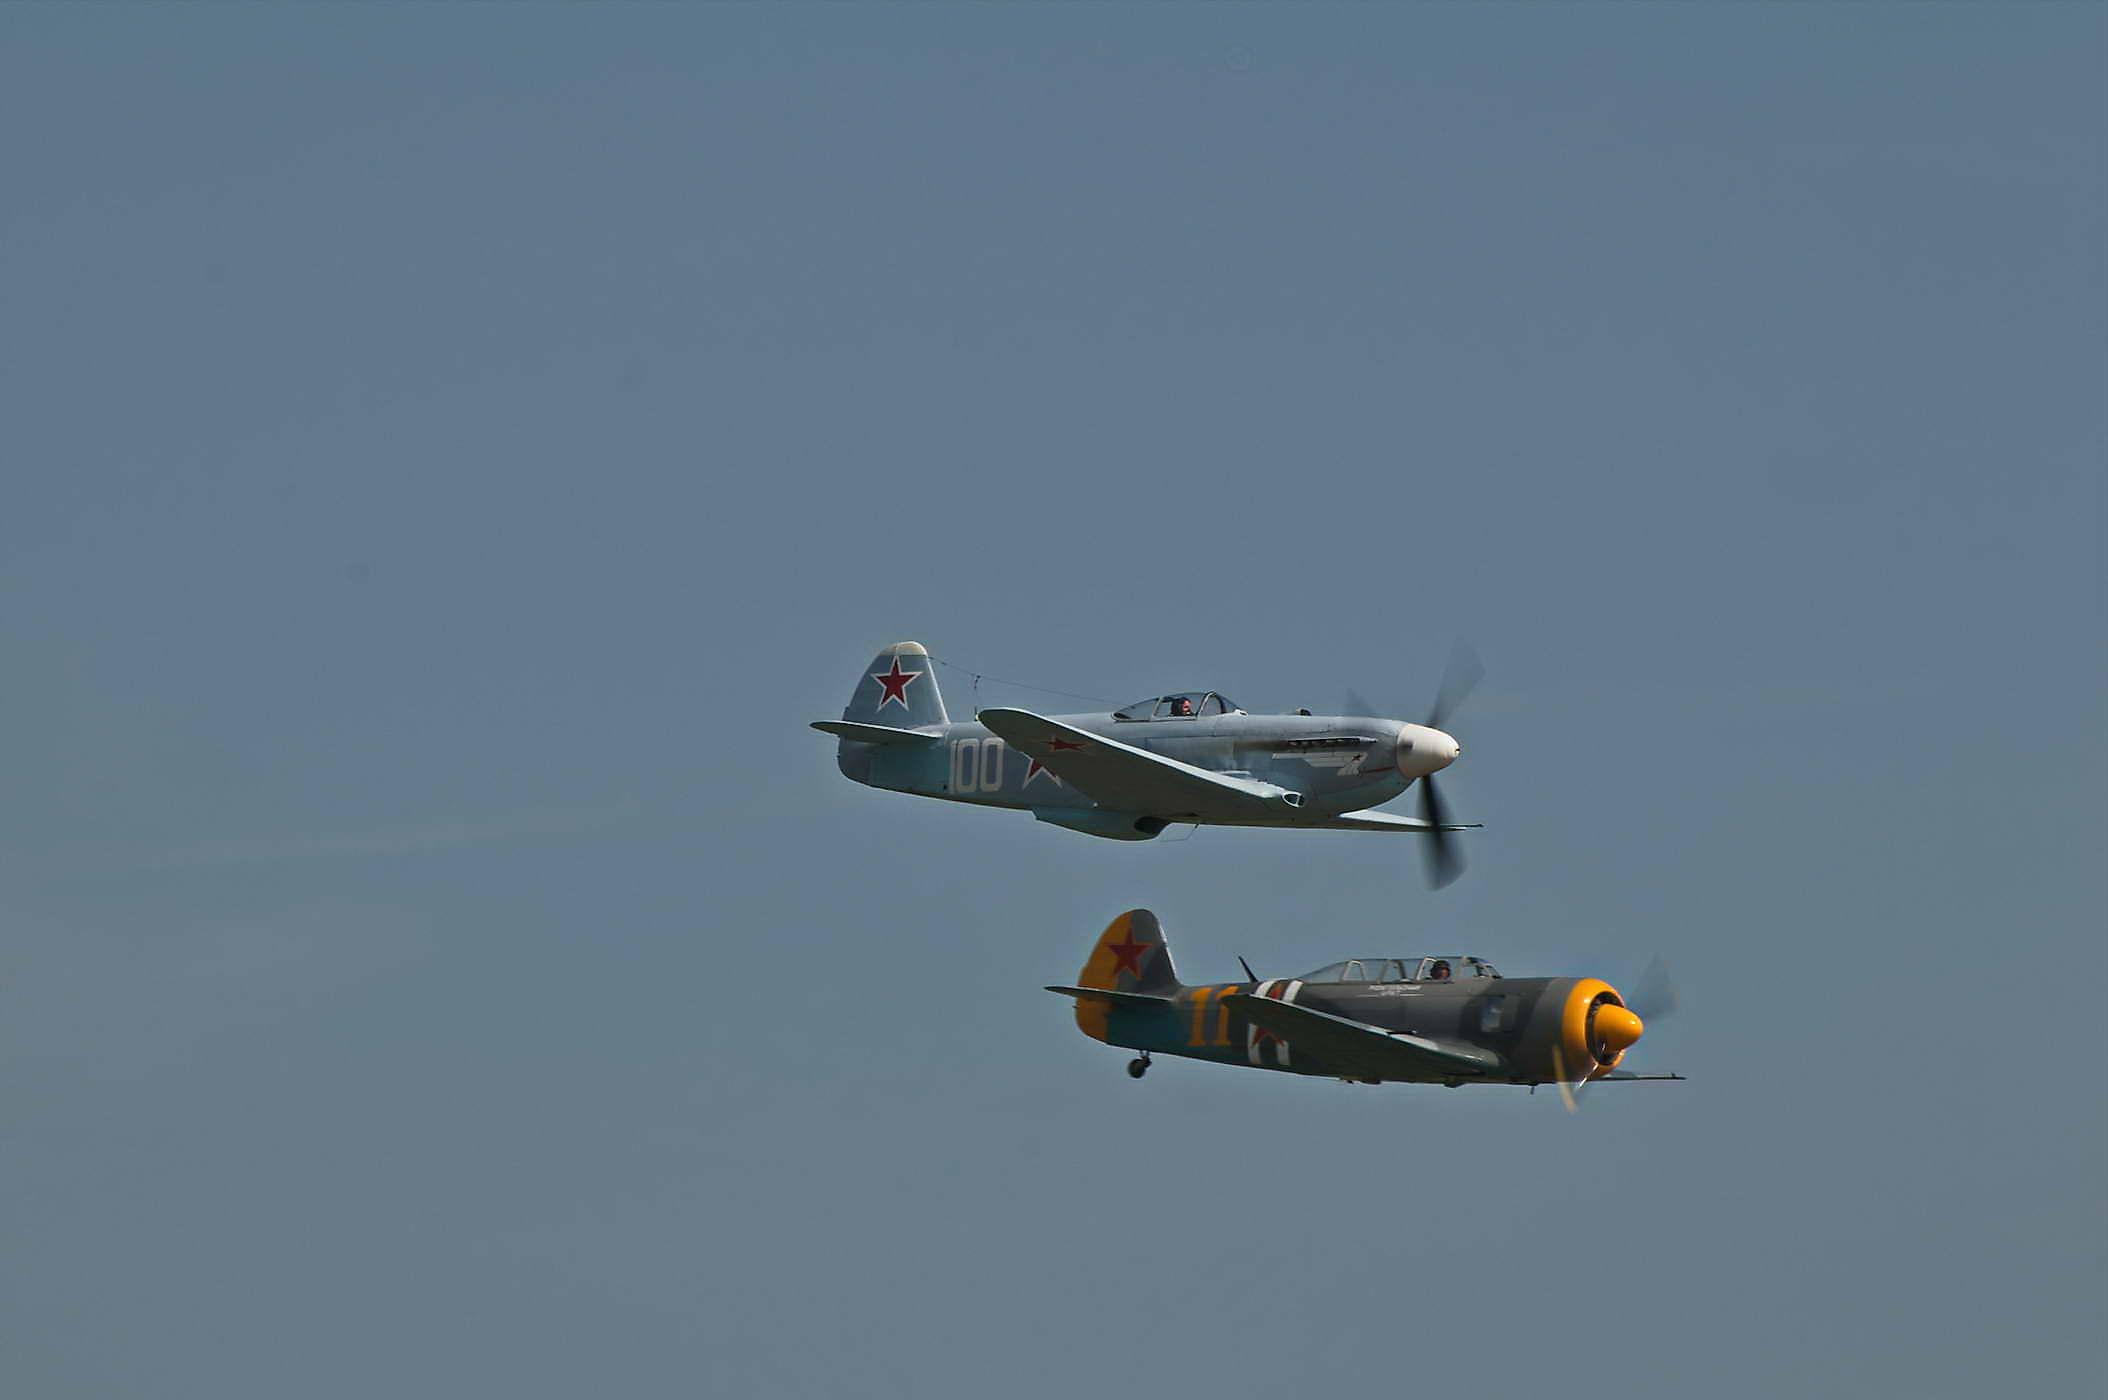 Yakovlev Yak-3 & Yakovlev Yak-11